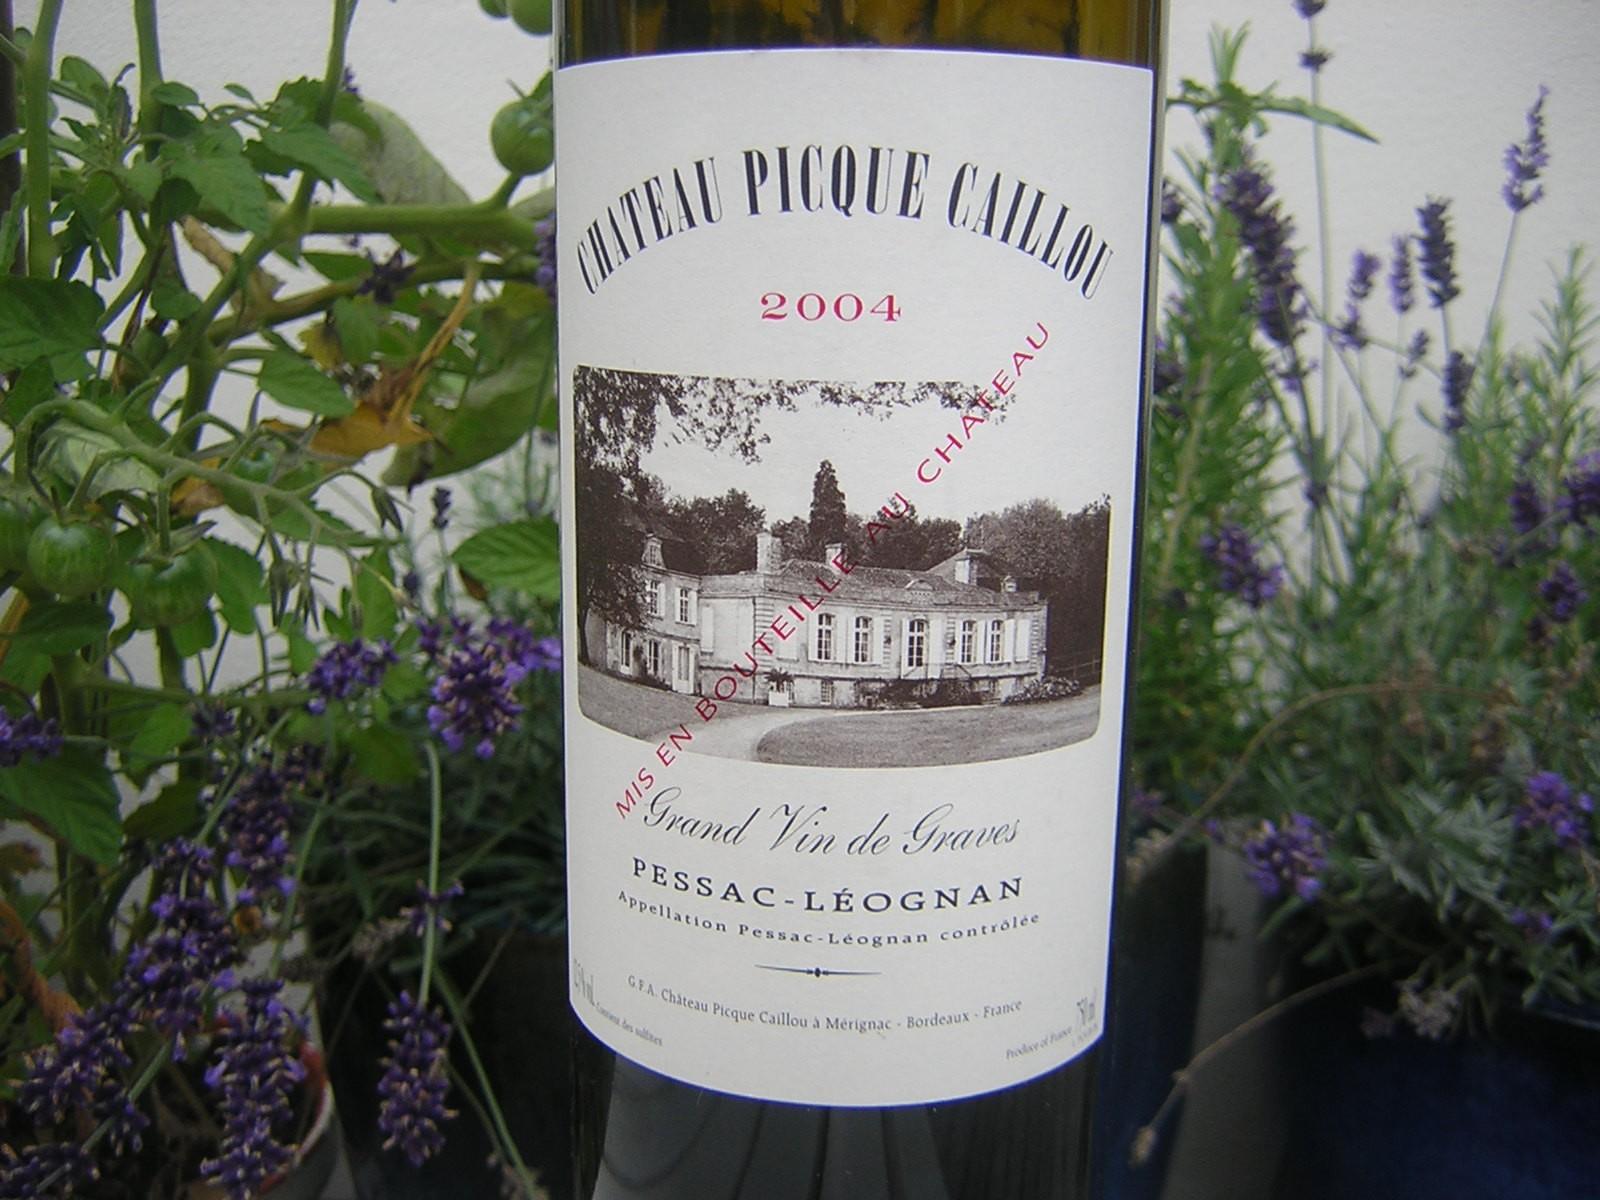 Château Picque Caillou 2004